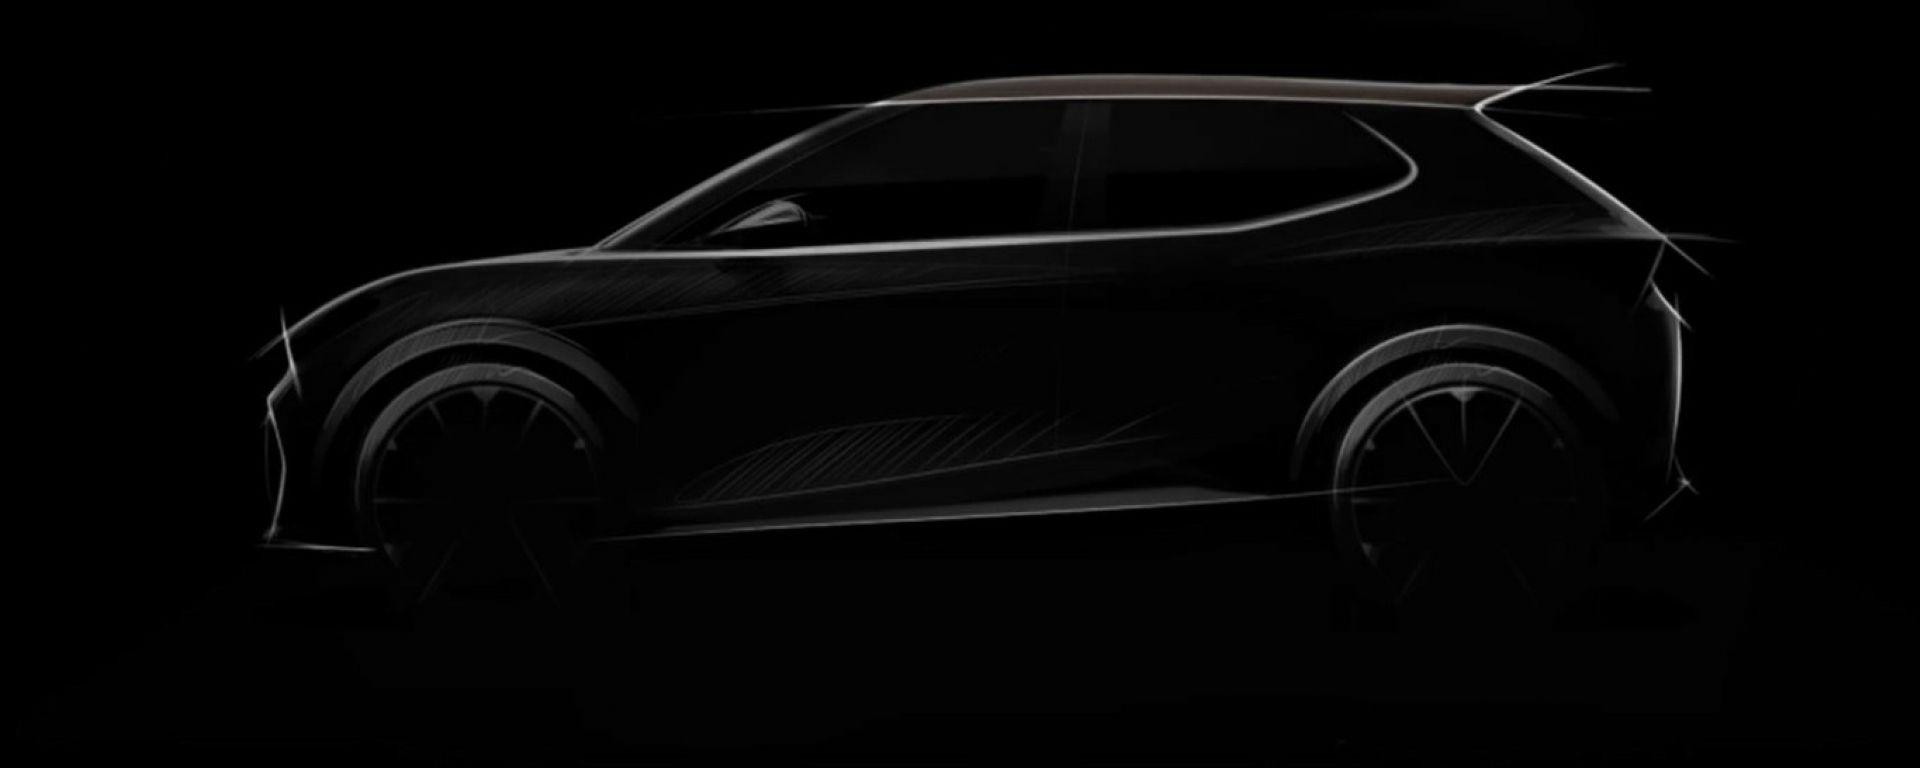 Ecco le linee fondamentali della nuova auto elettrica compatta Seat Cupra per il 2025